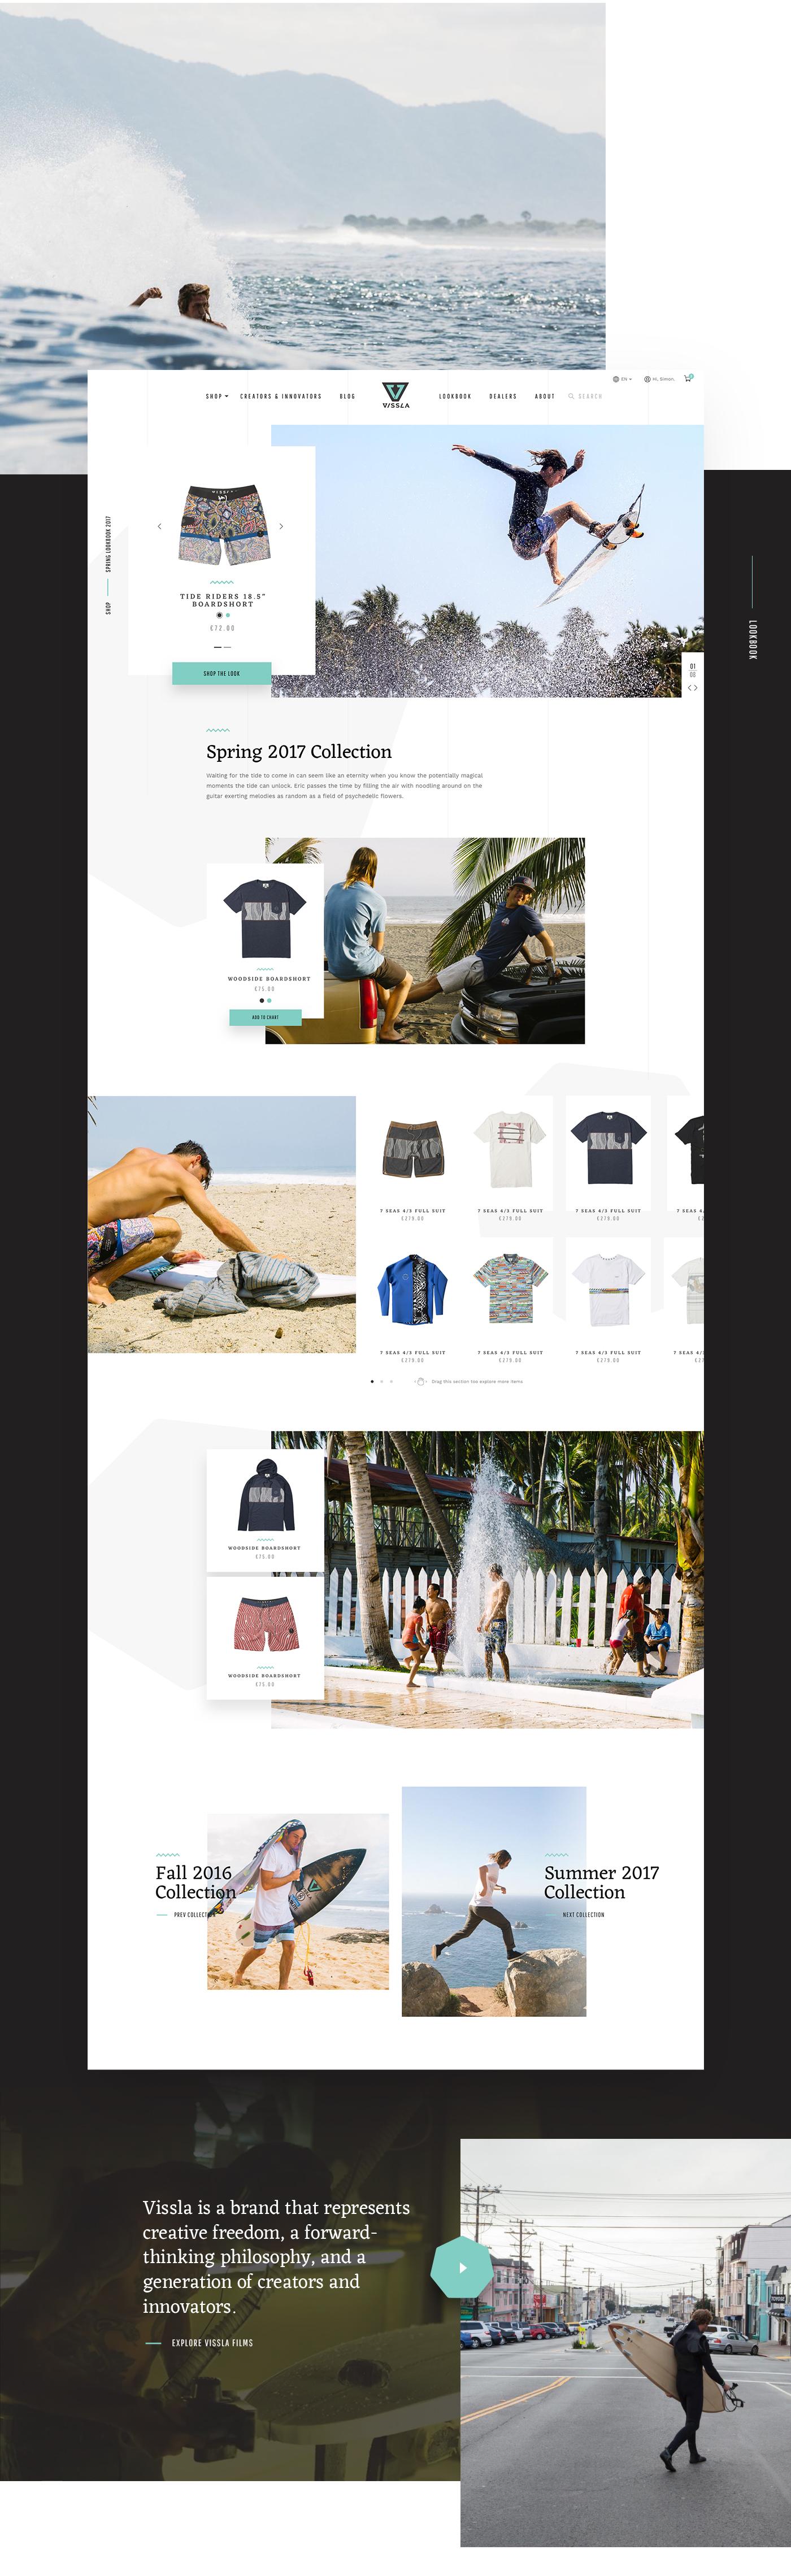 5 Projets de Branding, d'Identité ou de Redesign à voir #16